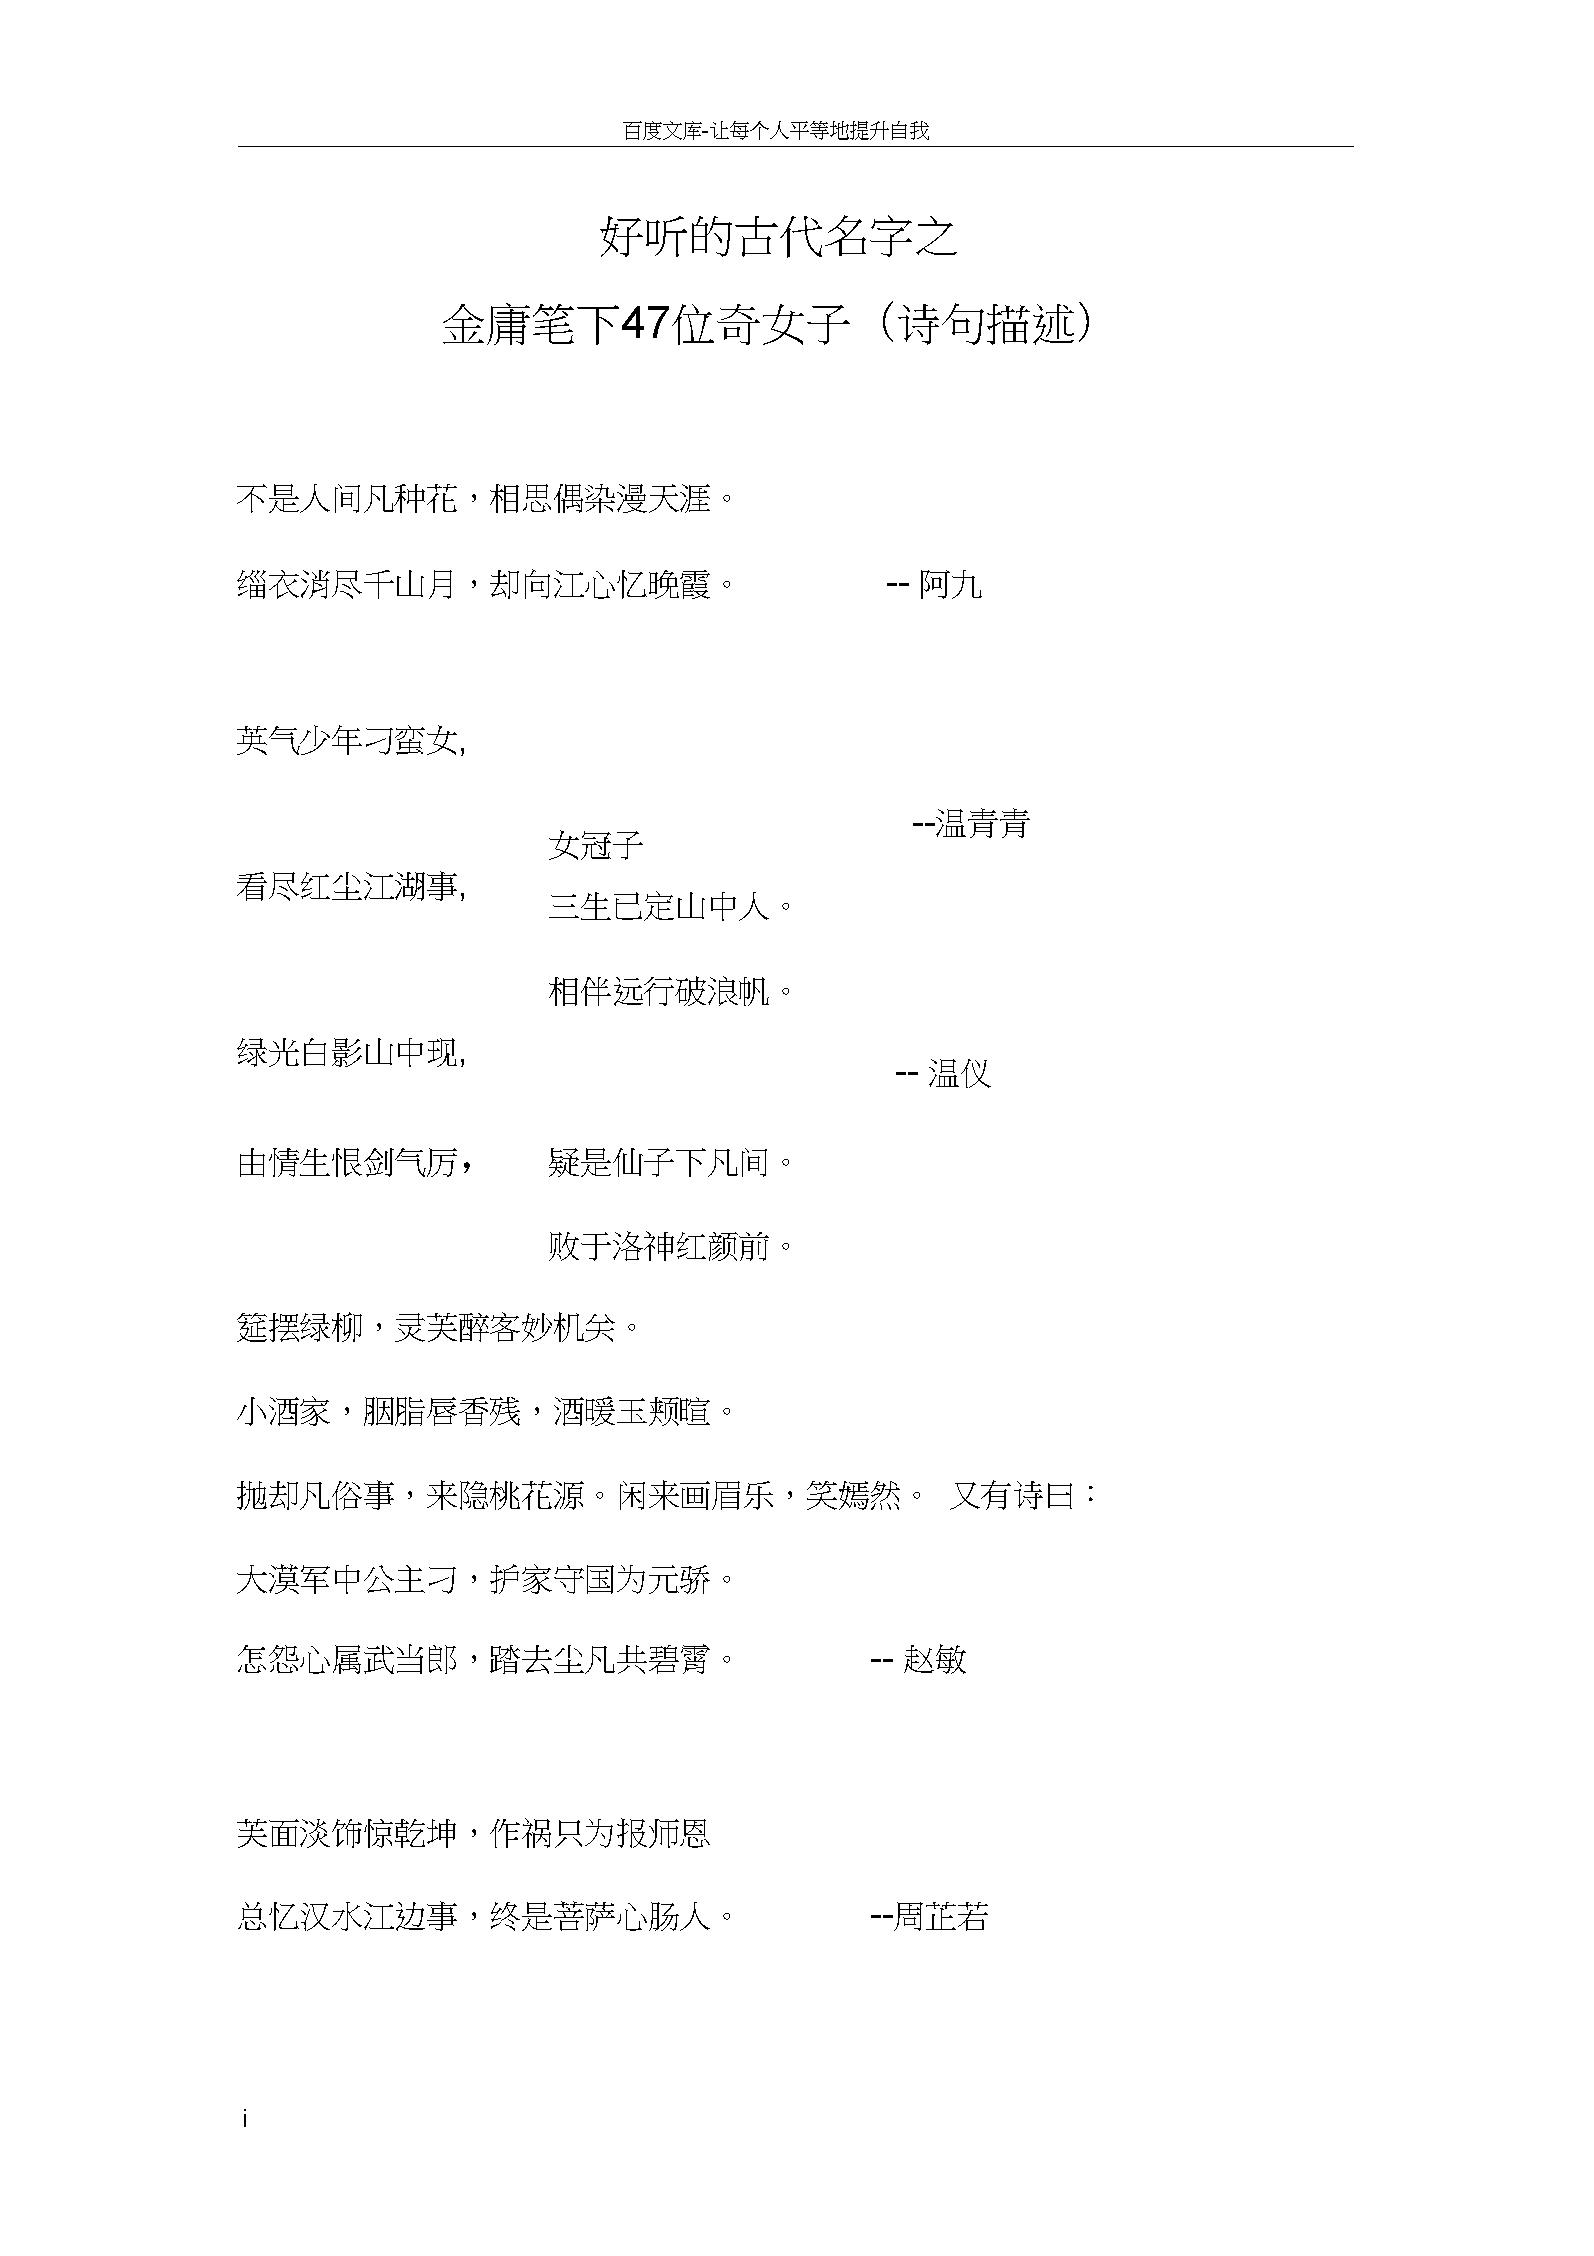 好听的古代名字之金庸笔下47位奇女子(诗句描述).docx